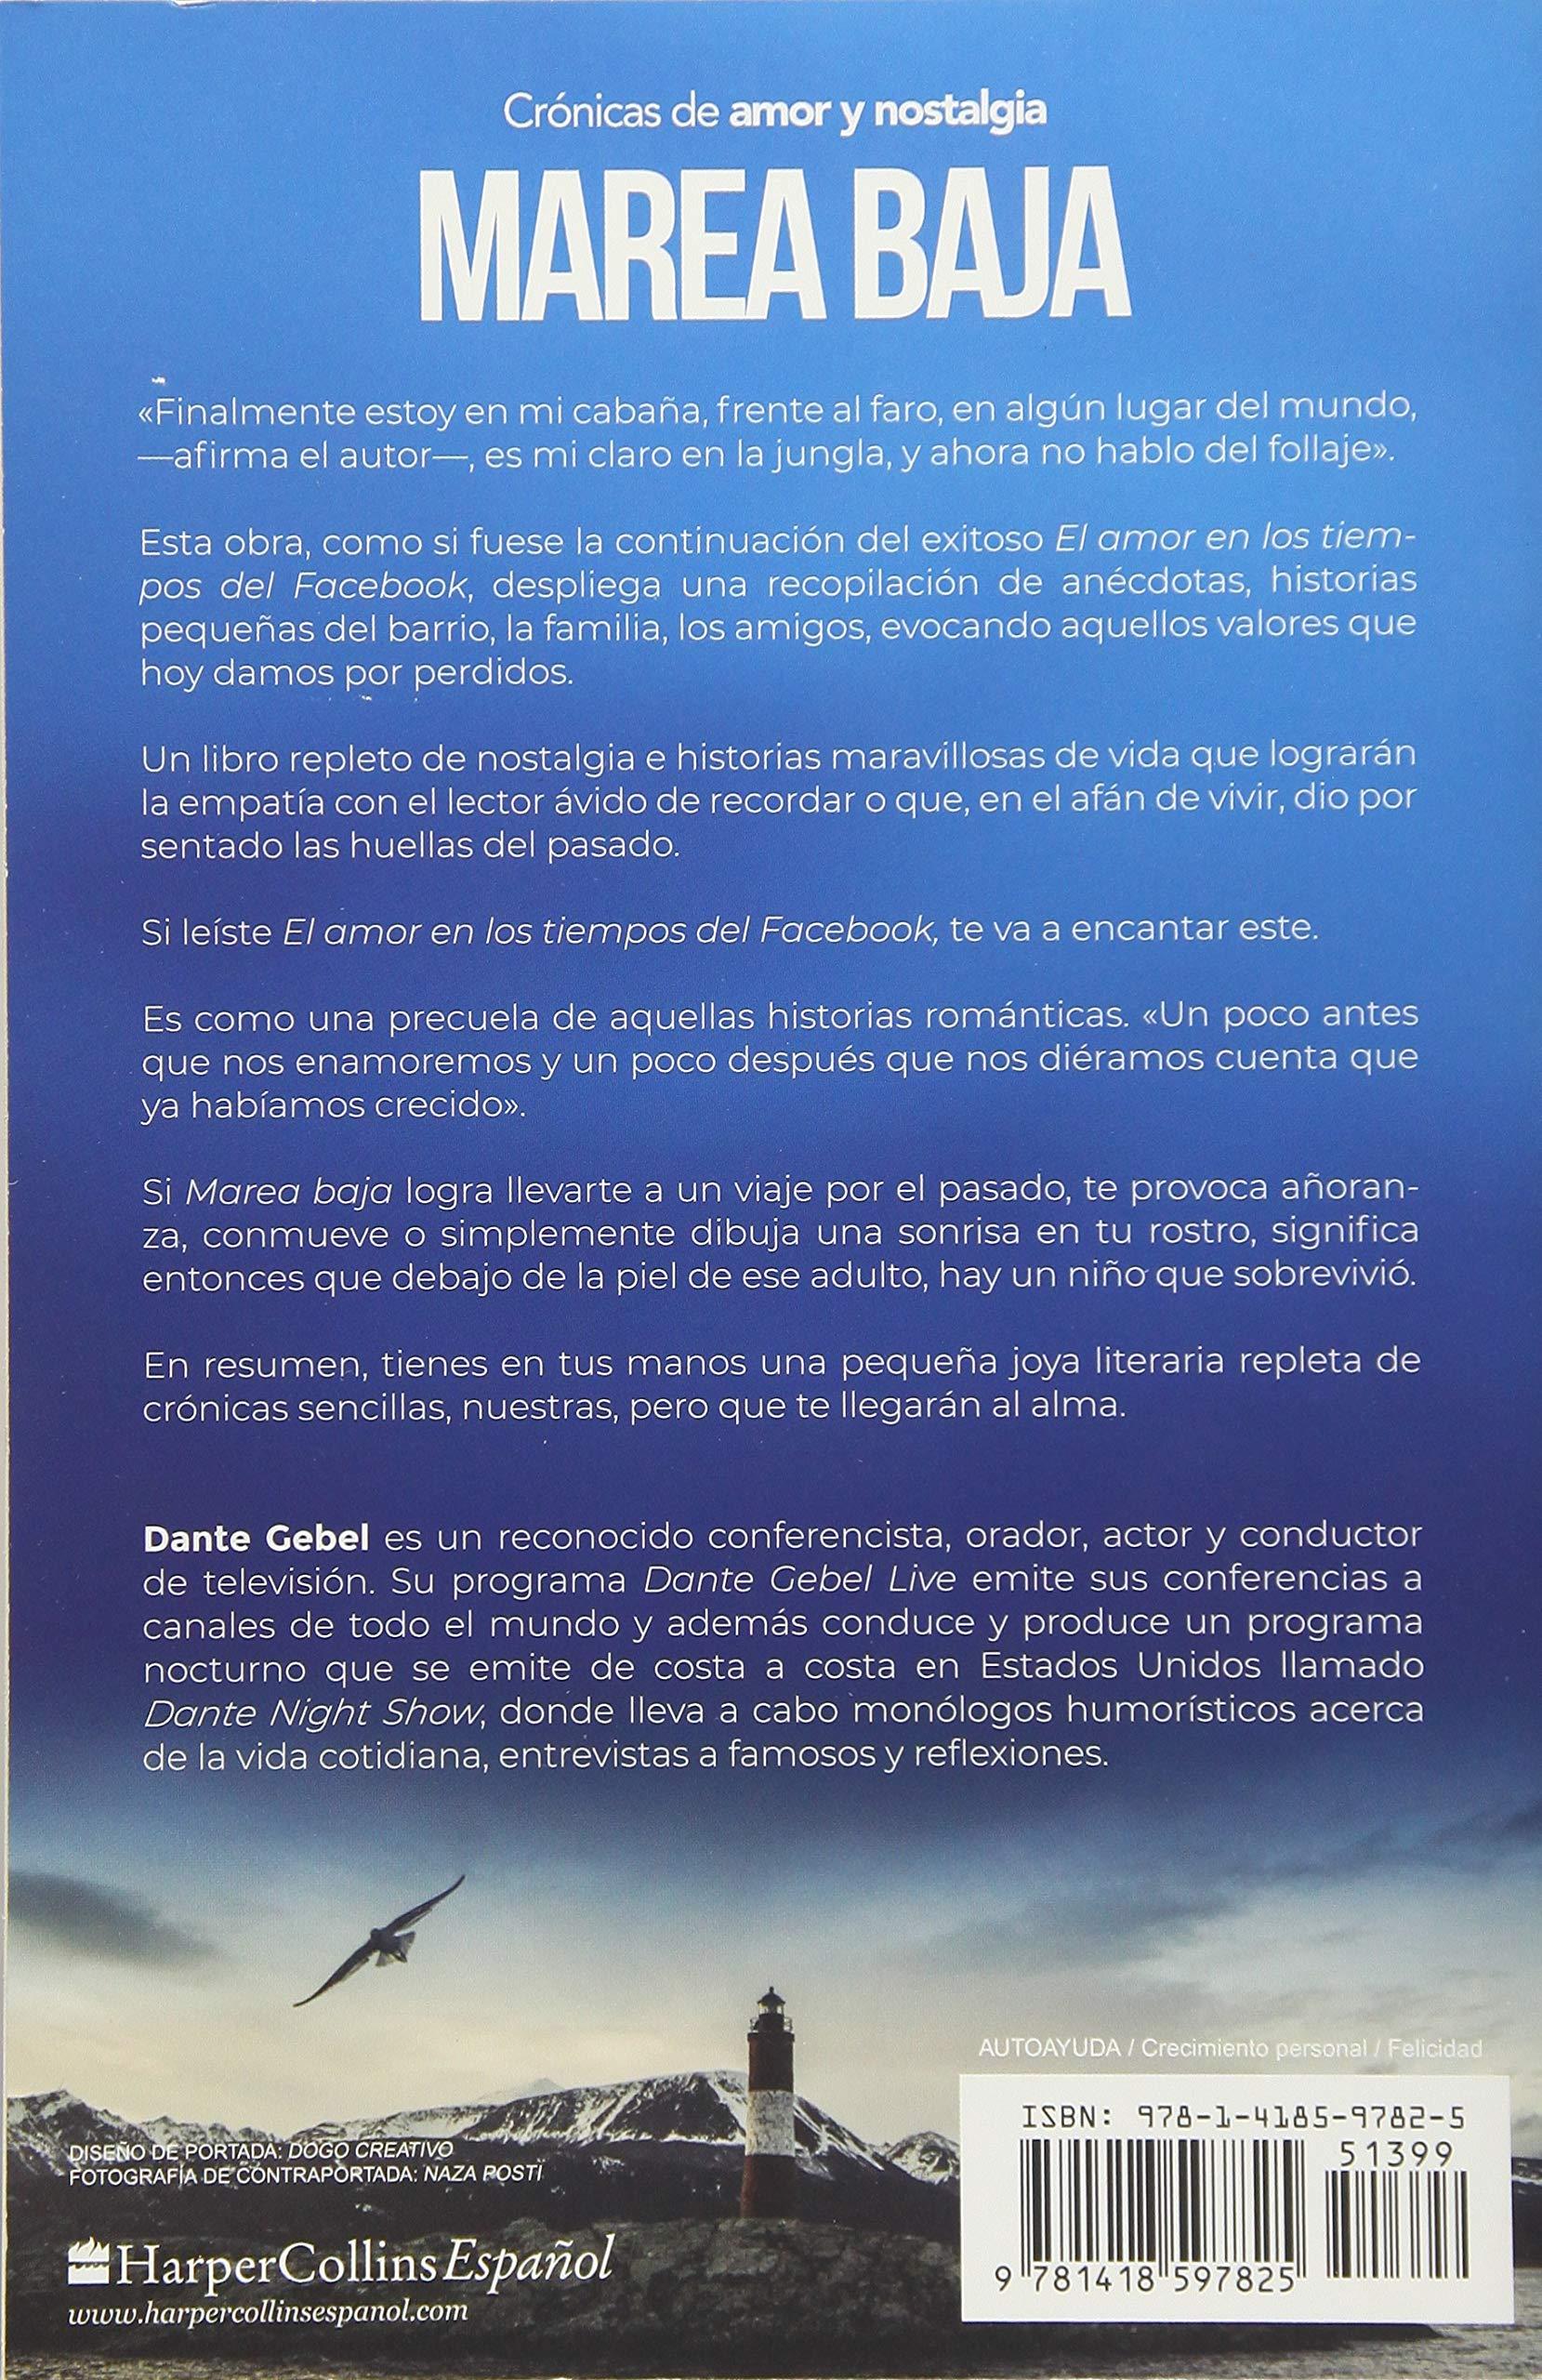 Alma del dante pdf gebel las download arenas